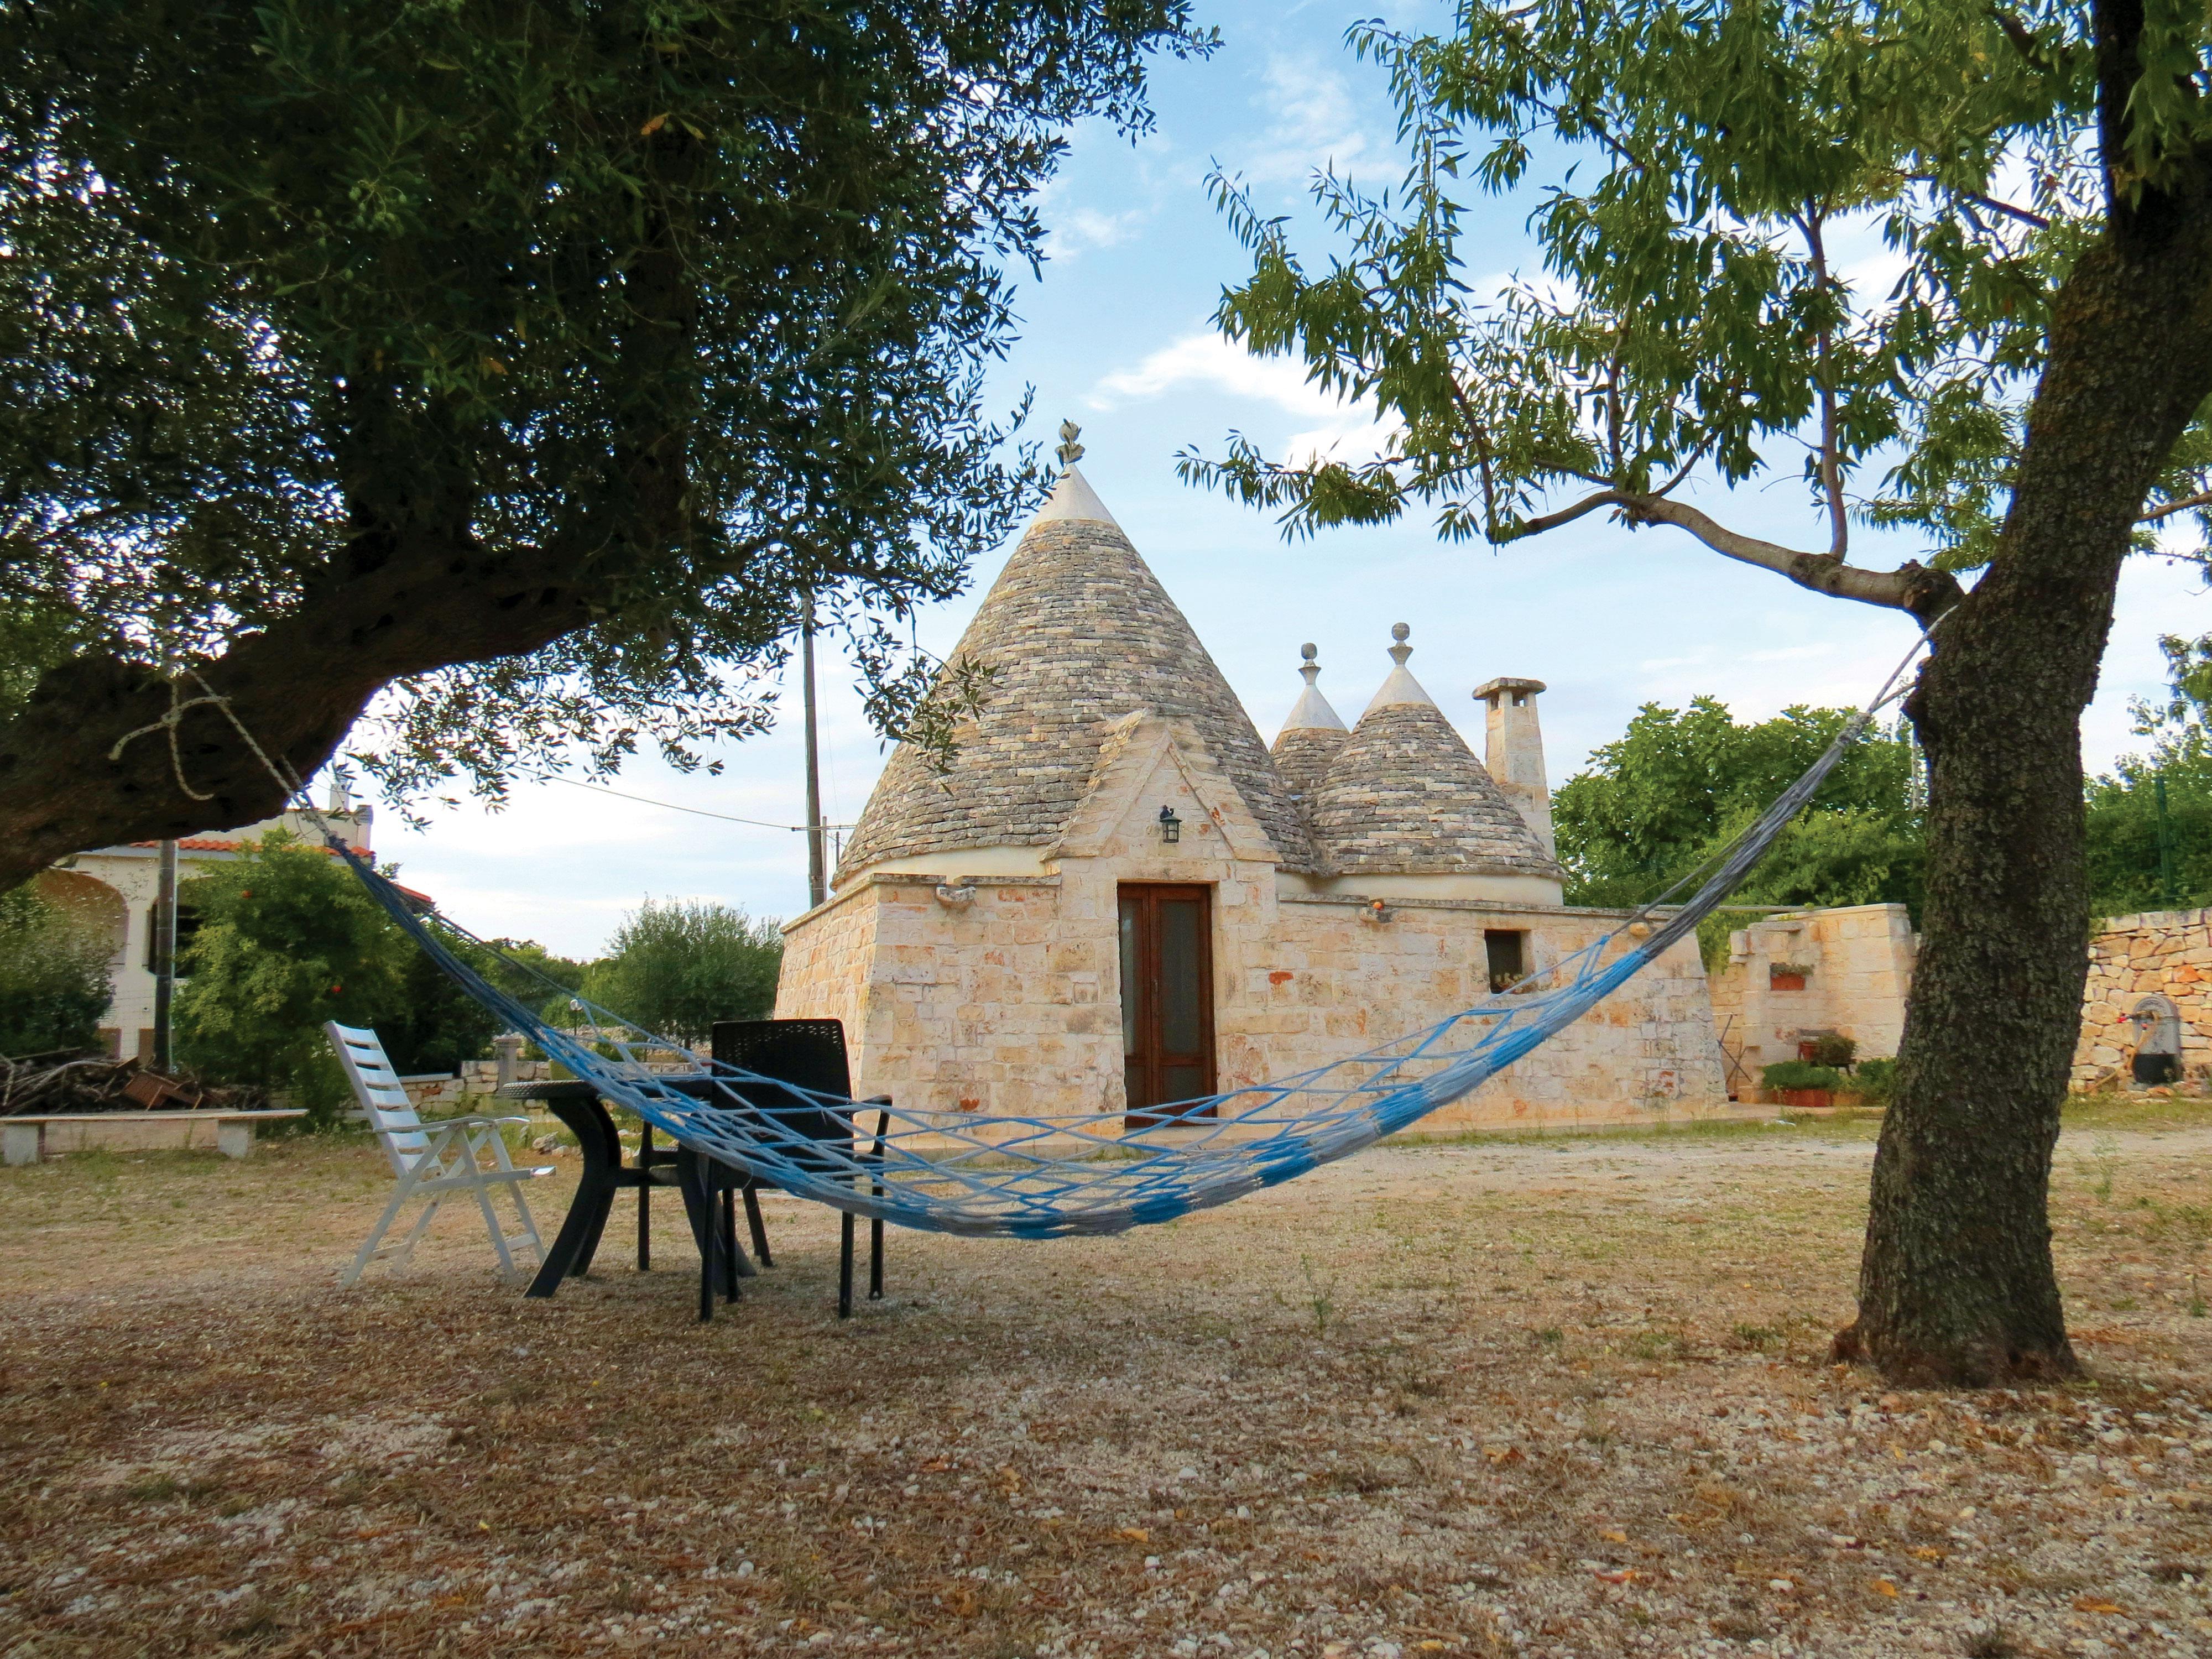 Casa em estilo trullo, com um quintal na frente, no qual duas árvores suportam uma rede